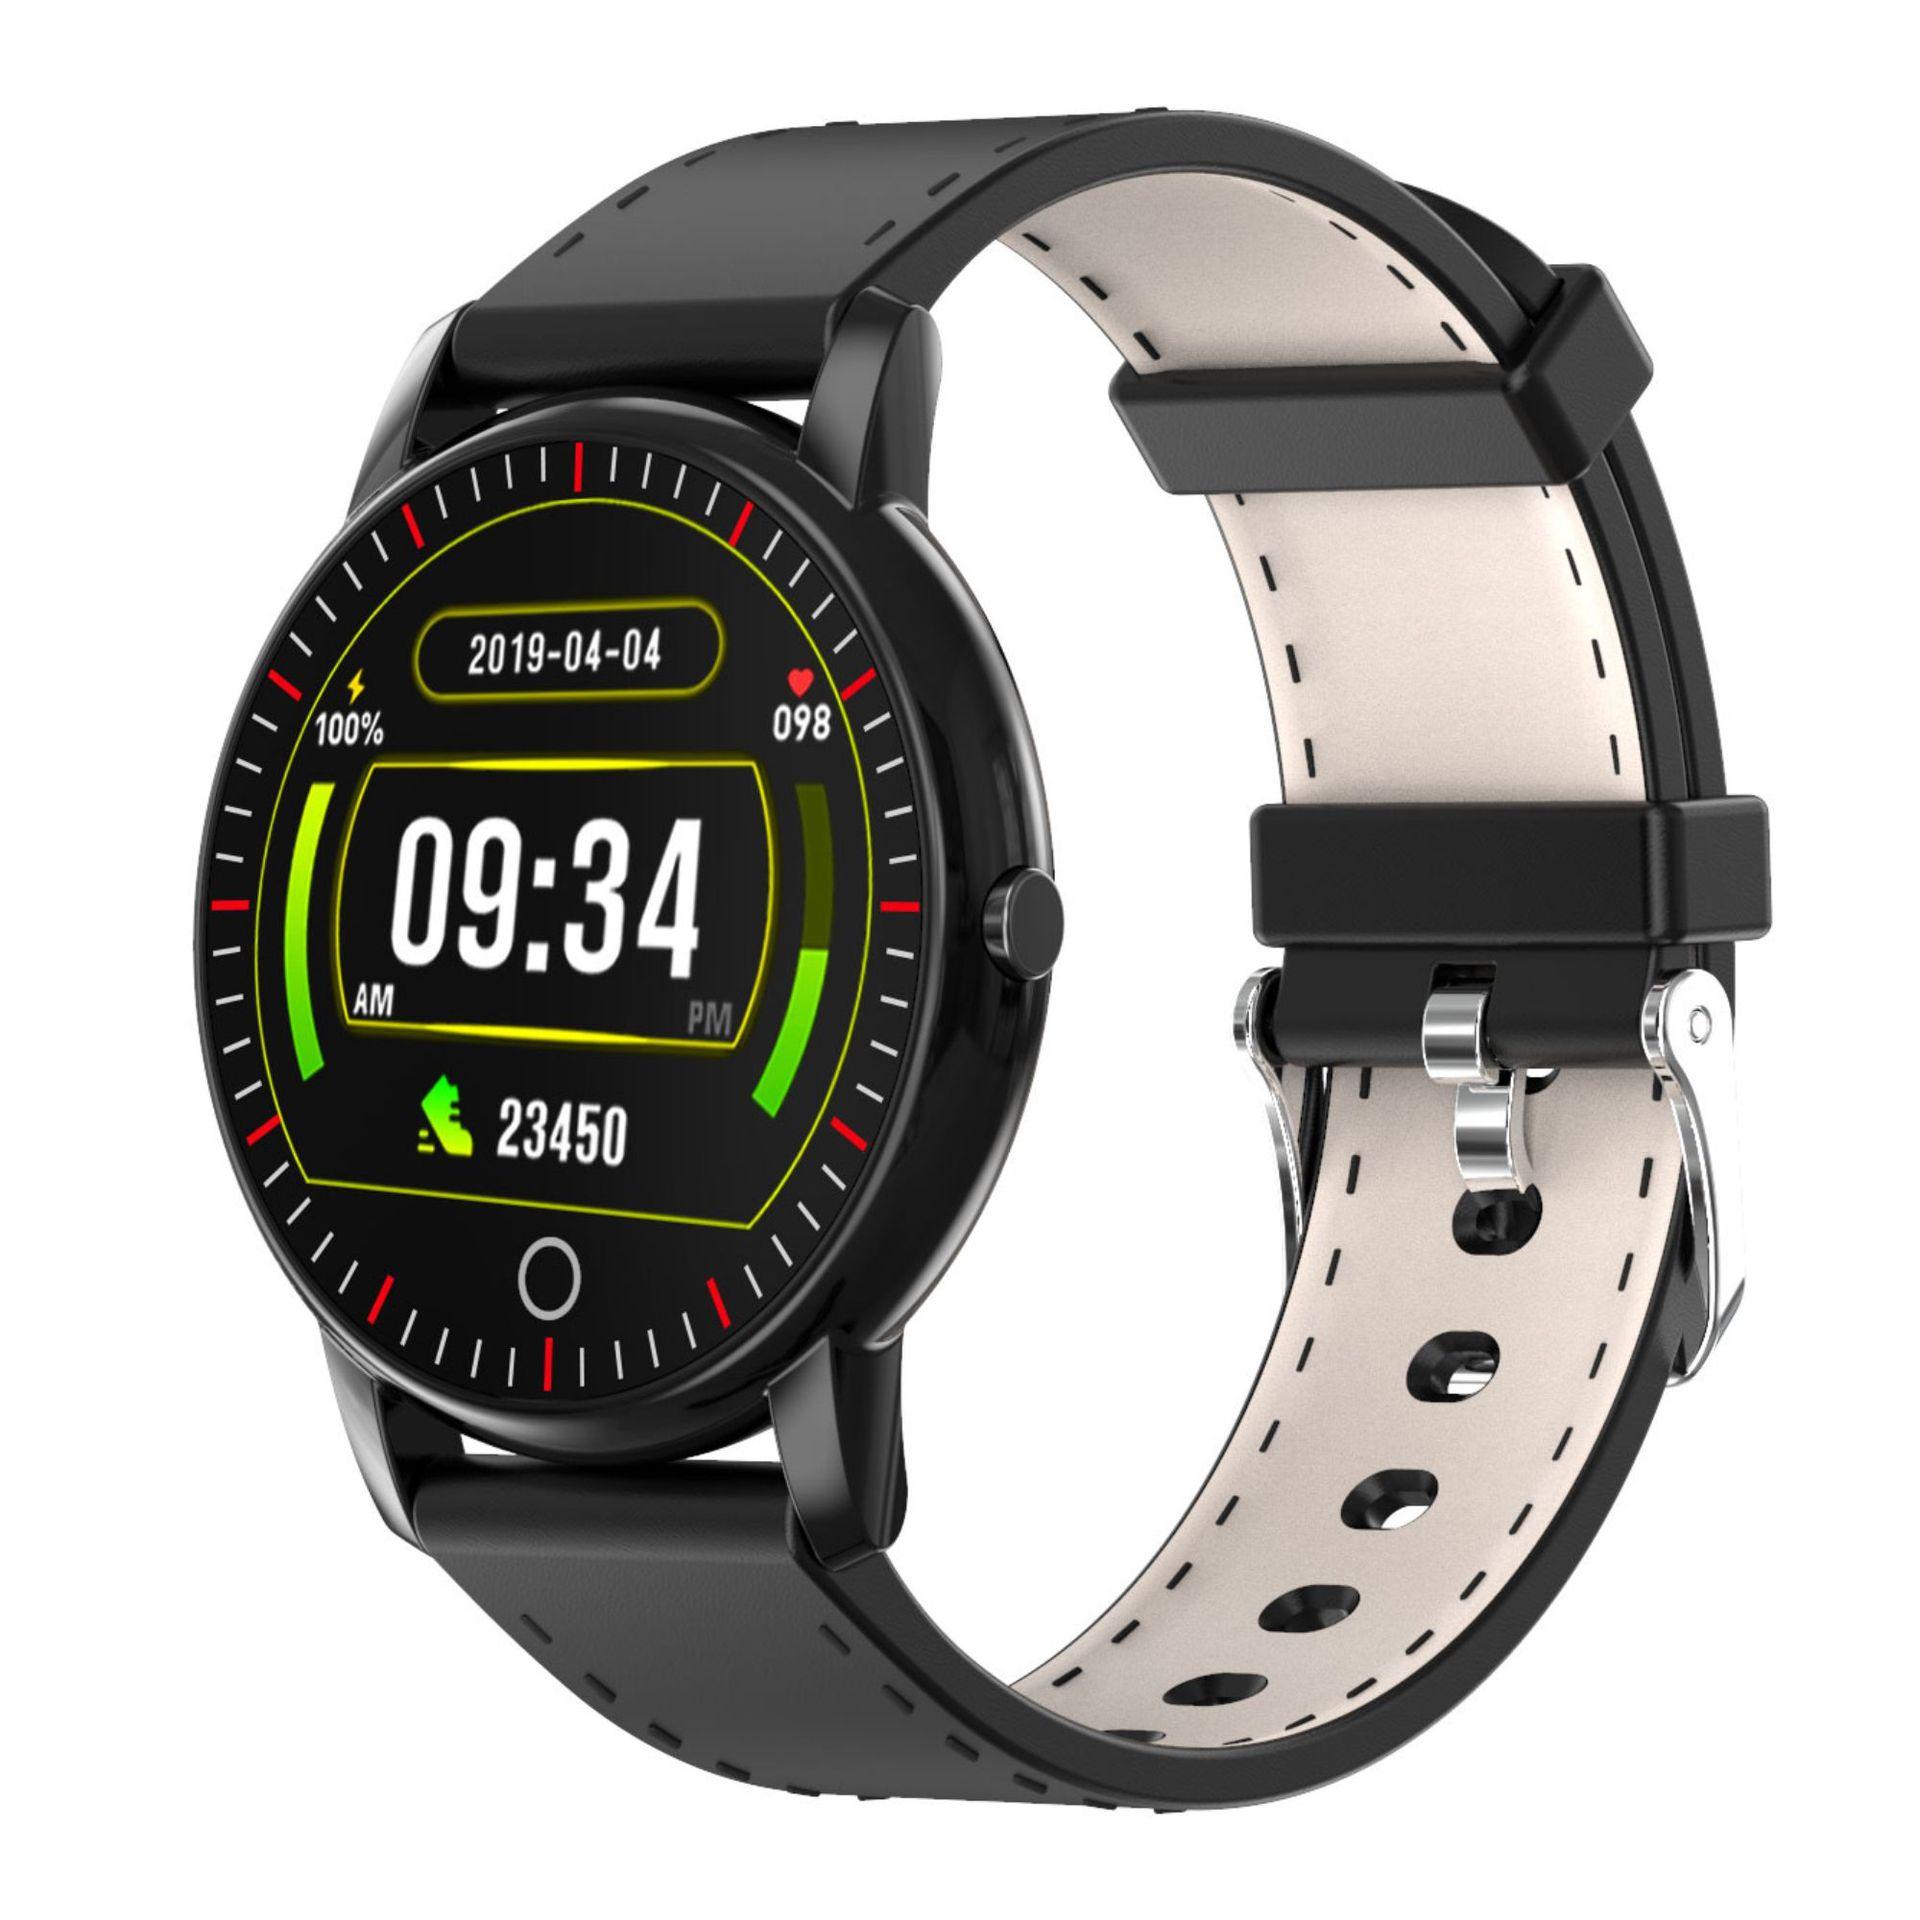 Đồng hồ thông minh Vòng đeo tay thông minh mới M324 nhịp tim huyết áp oxy oxy nam và nữ ngủ đa năng